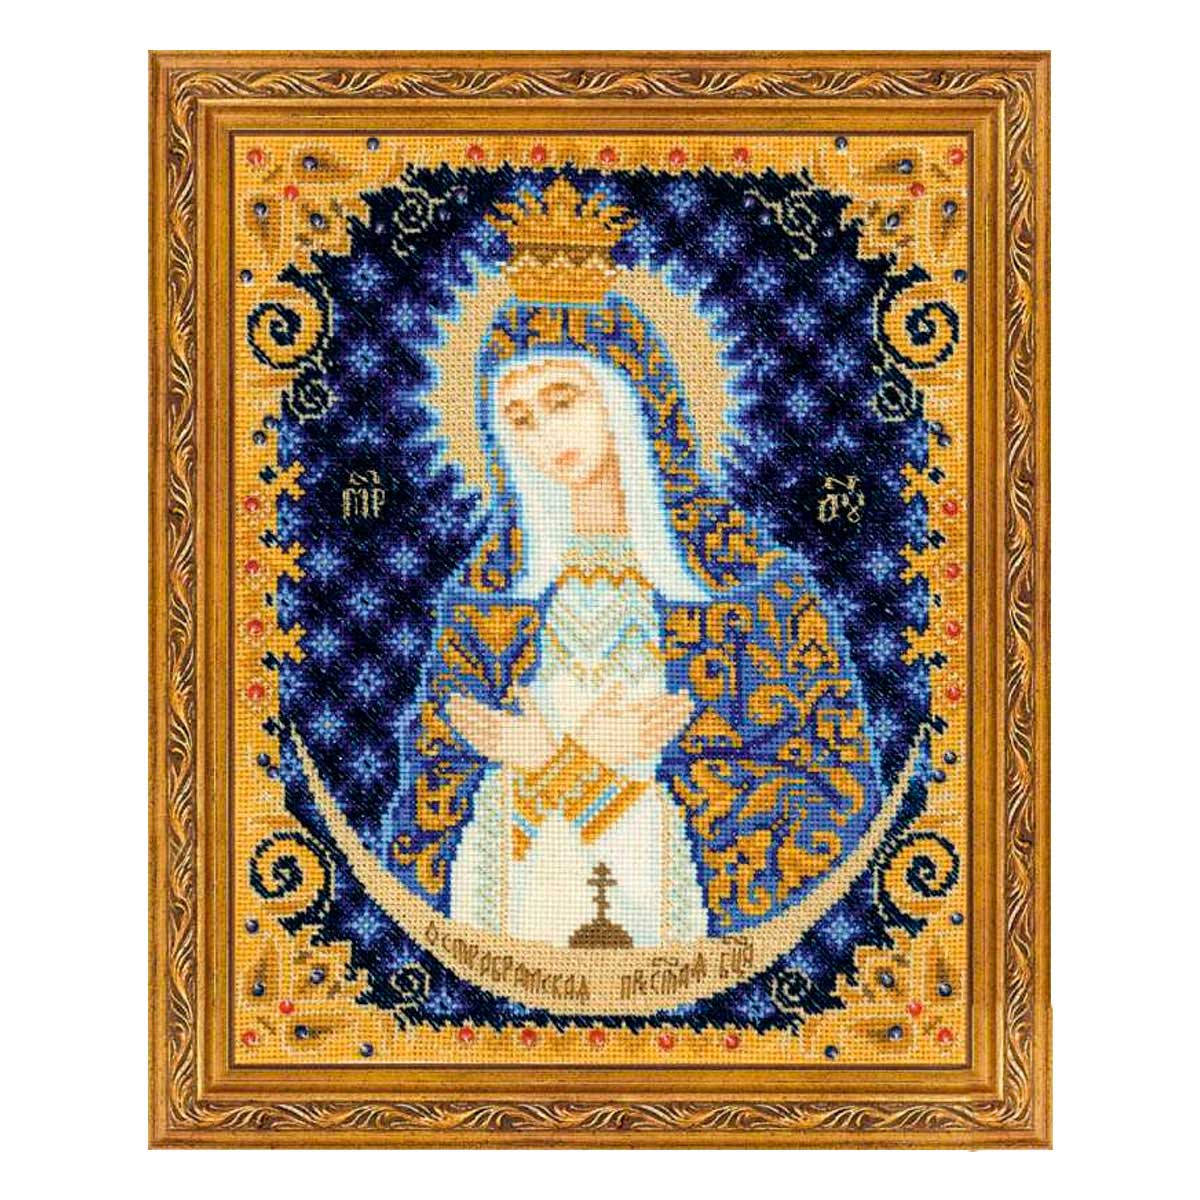 1299 Набор для вышивания Riolis 'Богоматерь Остробрамская', 13*16 см